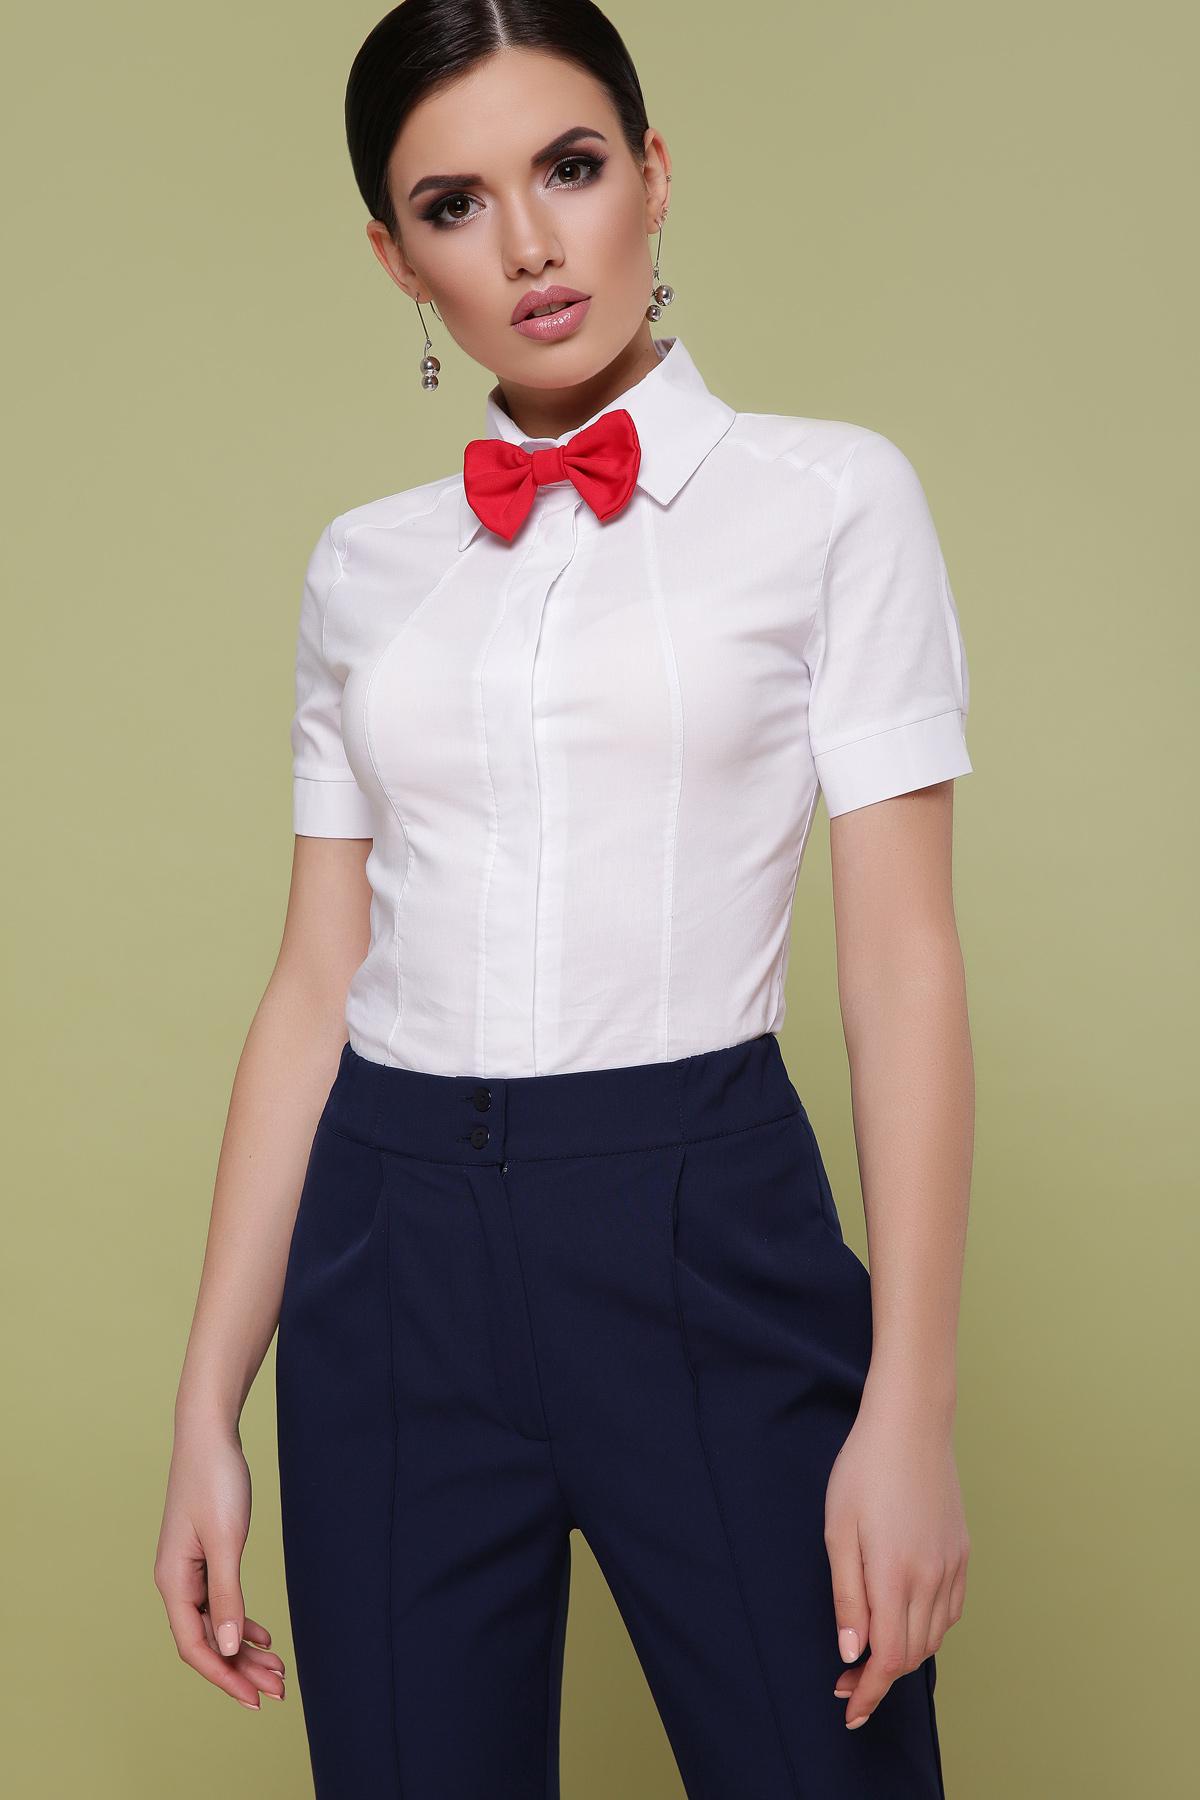 2a23a0348dc Женская белая рубашка с коротким рукавом. блуза Норма к р. Цвет  белый